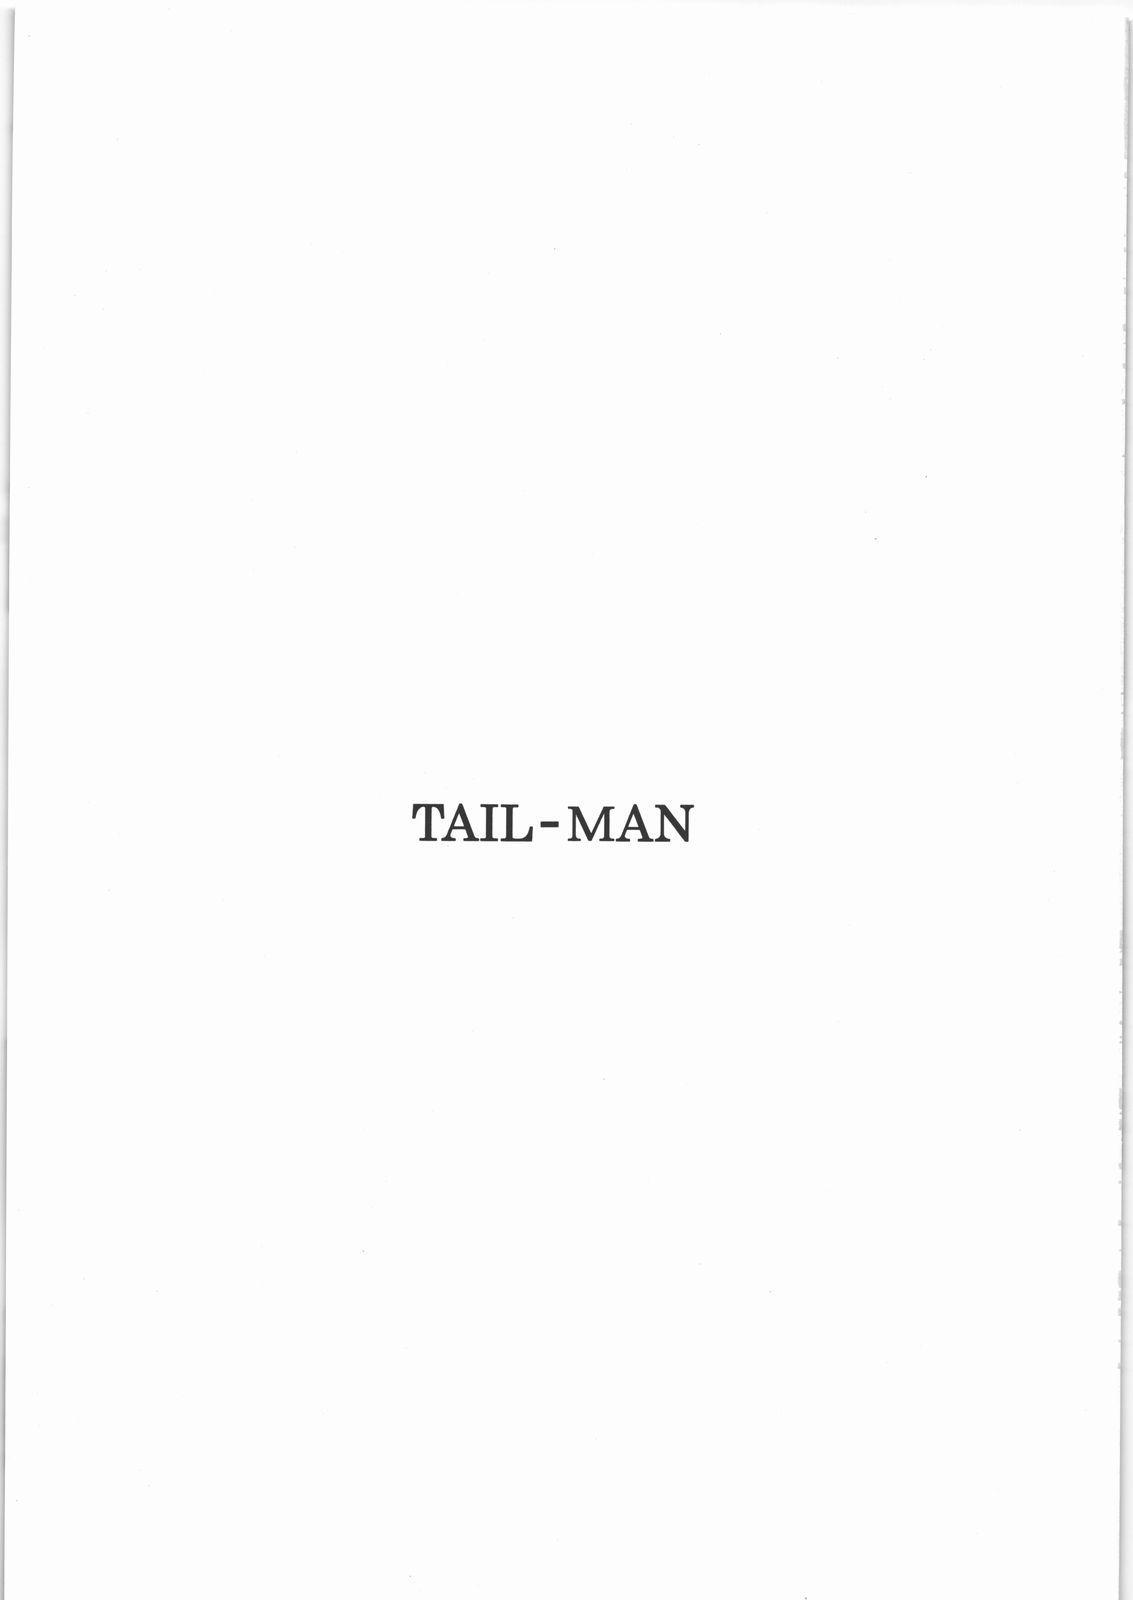 TAIL-MAN MIU FUURINGI BOOK 1